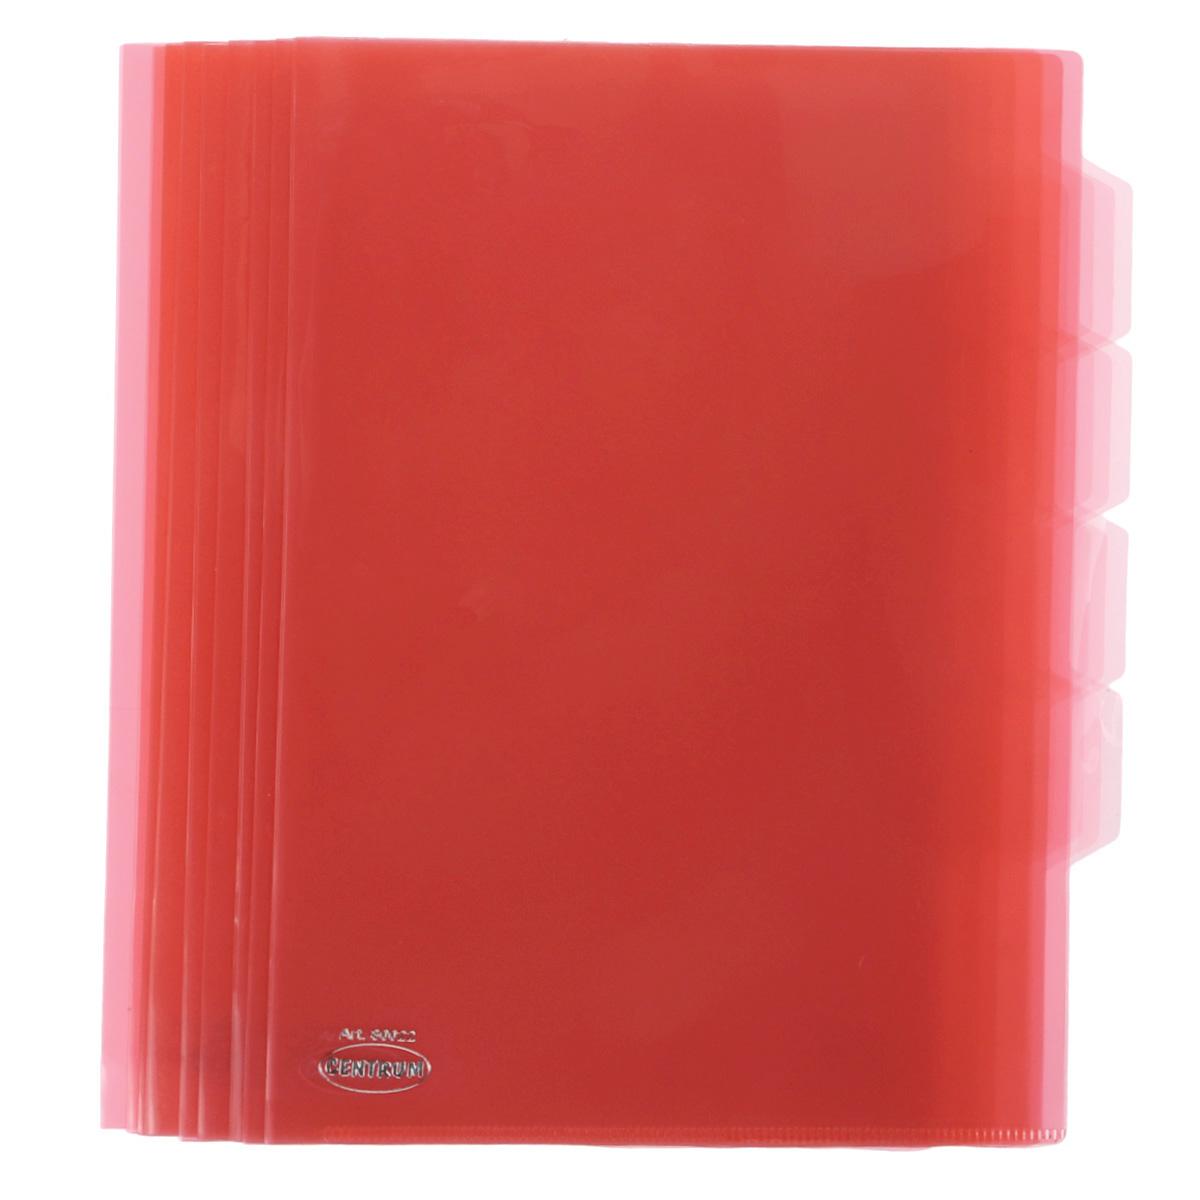 Папка-уголок Сentrum, 3 отделения, цвет: красный. Формат А4, 10 шт80022_красныйПапка-уголок Centrum - это удобный и практичный офисный инструмент, предназначенный для хранения и транспортировки рабочих бумаг и документов формата А4. Папка изготовлена из прозрачного глянцевого пластика, имеет три отделения с индексами-табуляторами. В комплект входят 10 папок формата А4. Папка-уголок - это незаменимый атрибут для студента, школьника, офисного работника. Такая папка надежно сохранит ваши документы и сбережет их от повреждений, пыли и влаги.